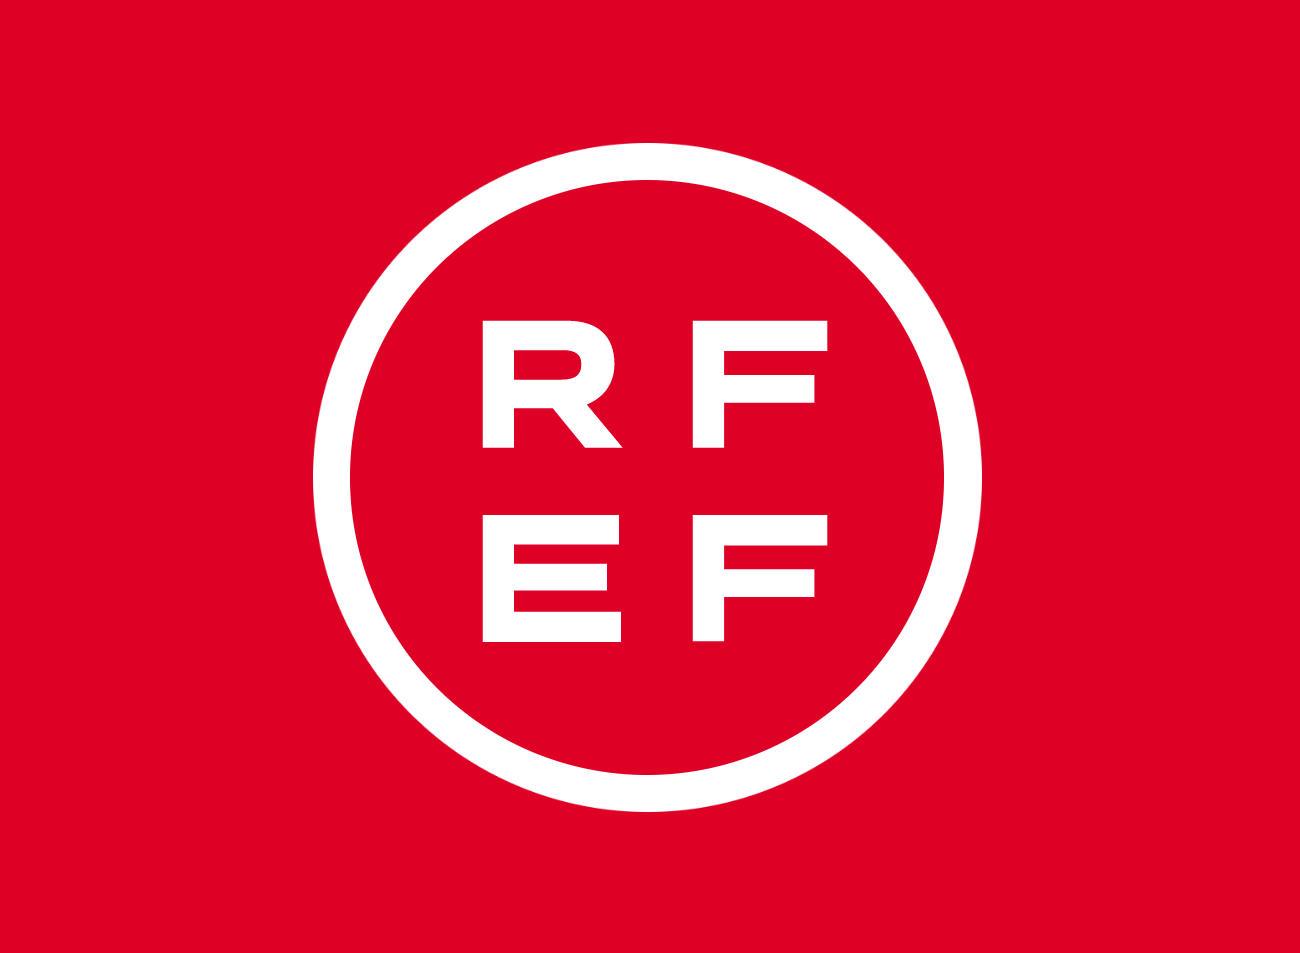 深圳VI设计公司分享:西班牙皇家足球协会(RFEF)品牌形象升级